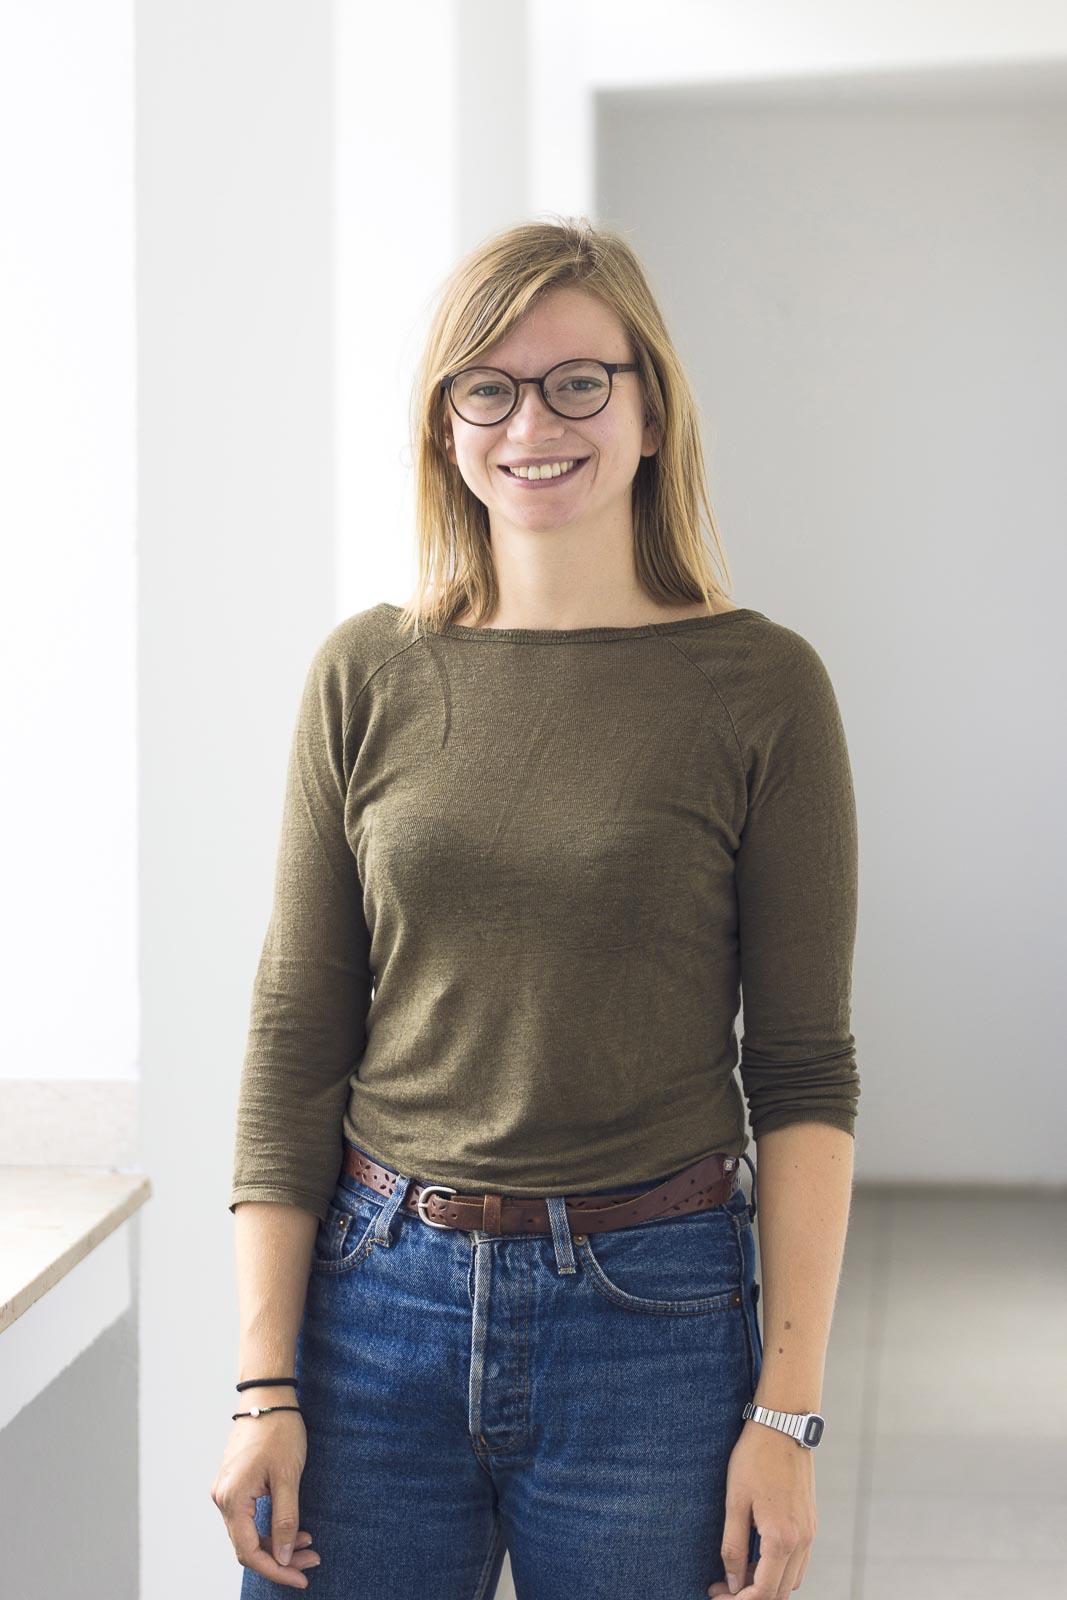 Rebecca Sieker